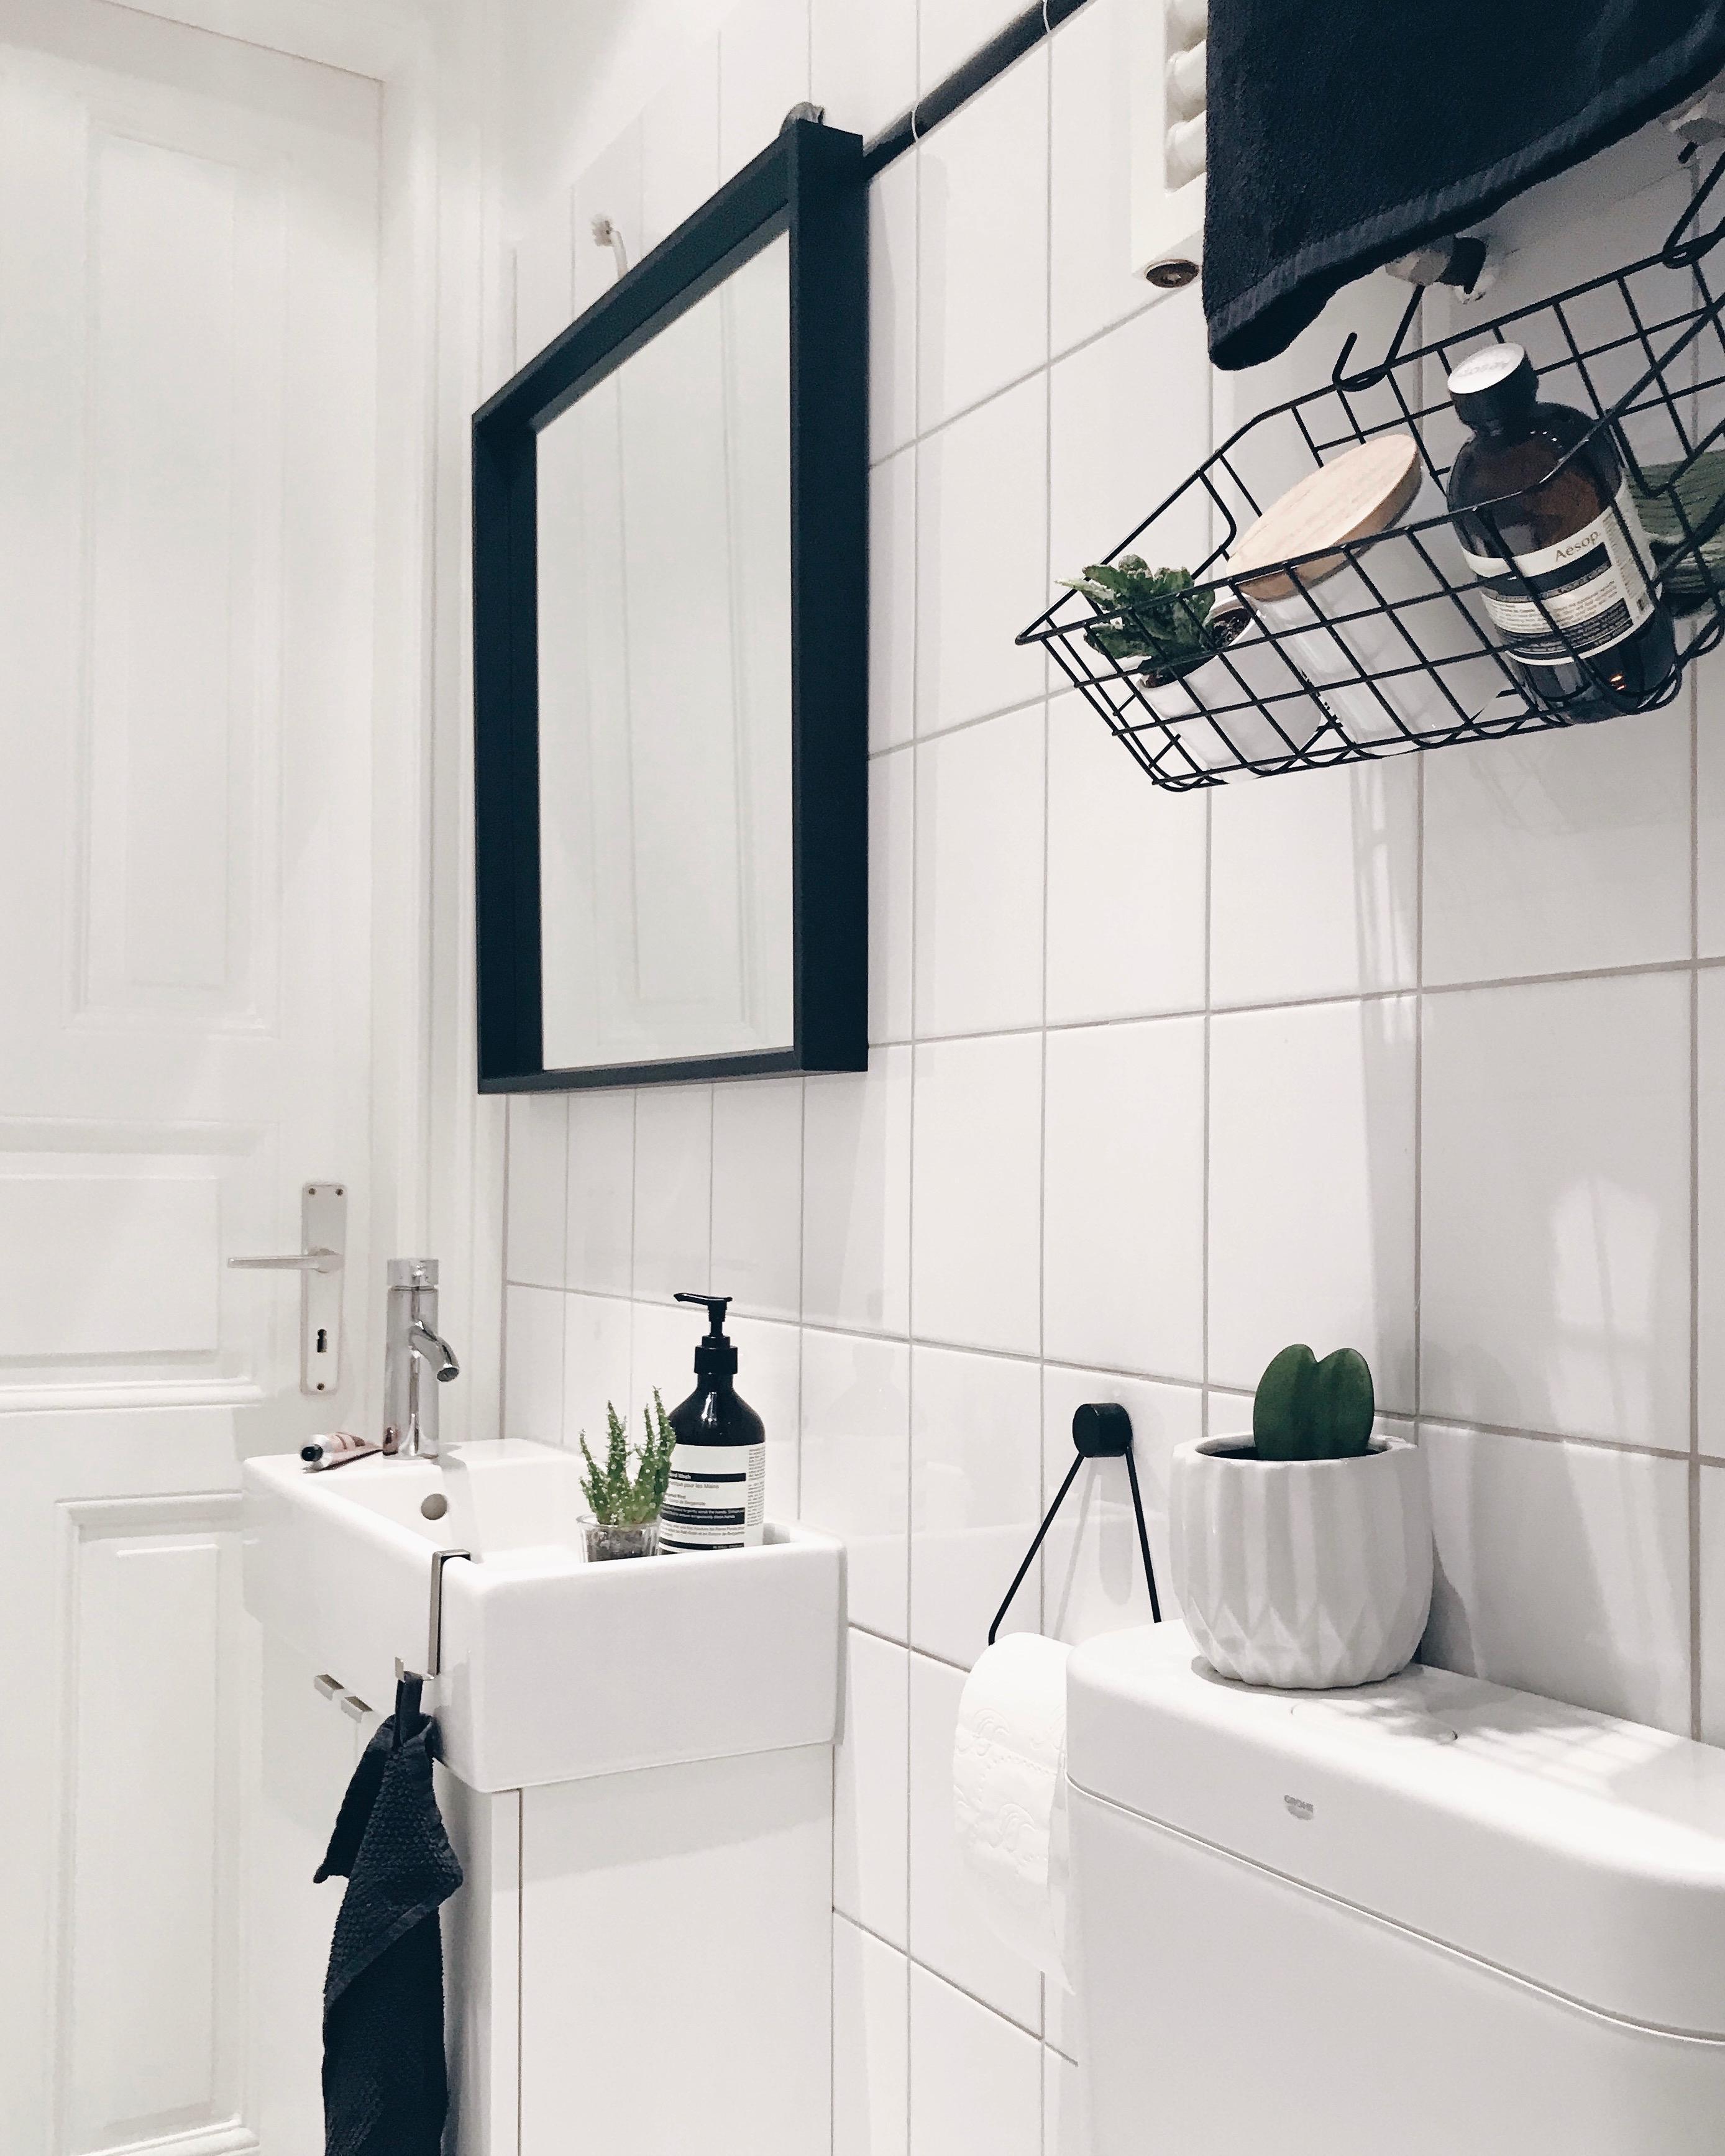 badezimmer altbau, klein aber oho! #kleinesbad #badezimmer #altbau #bl., Badezimmer